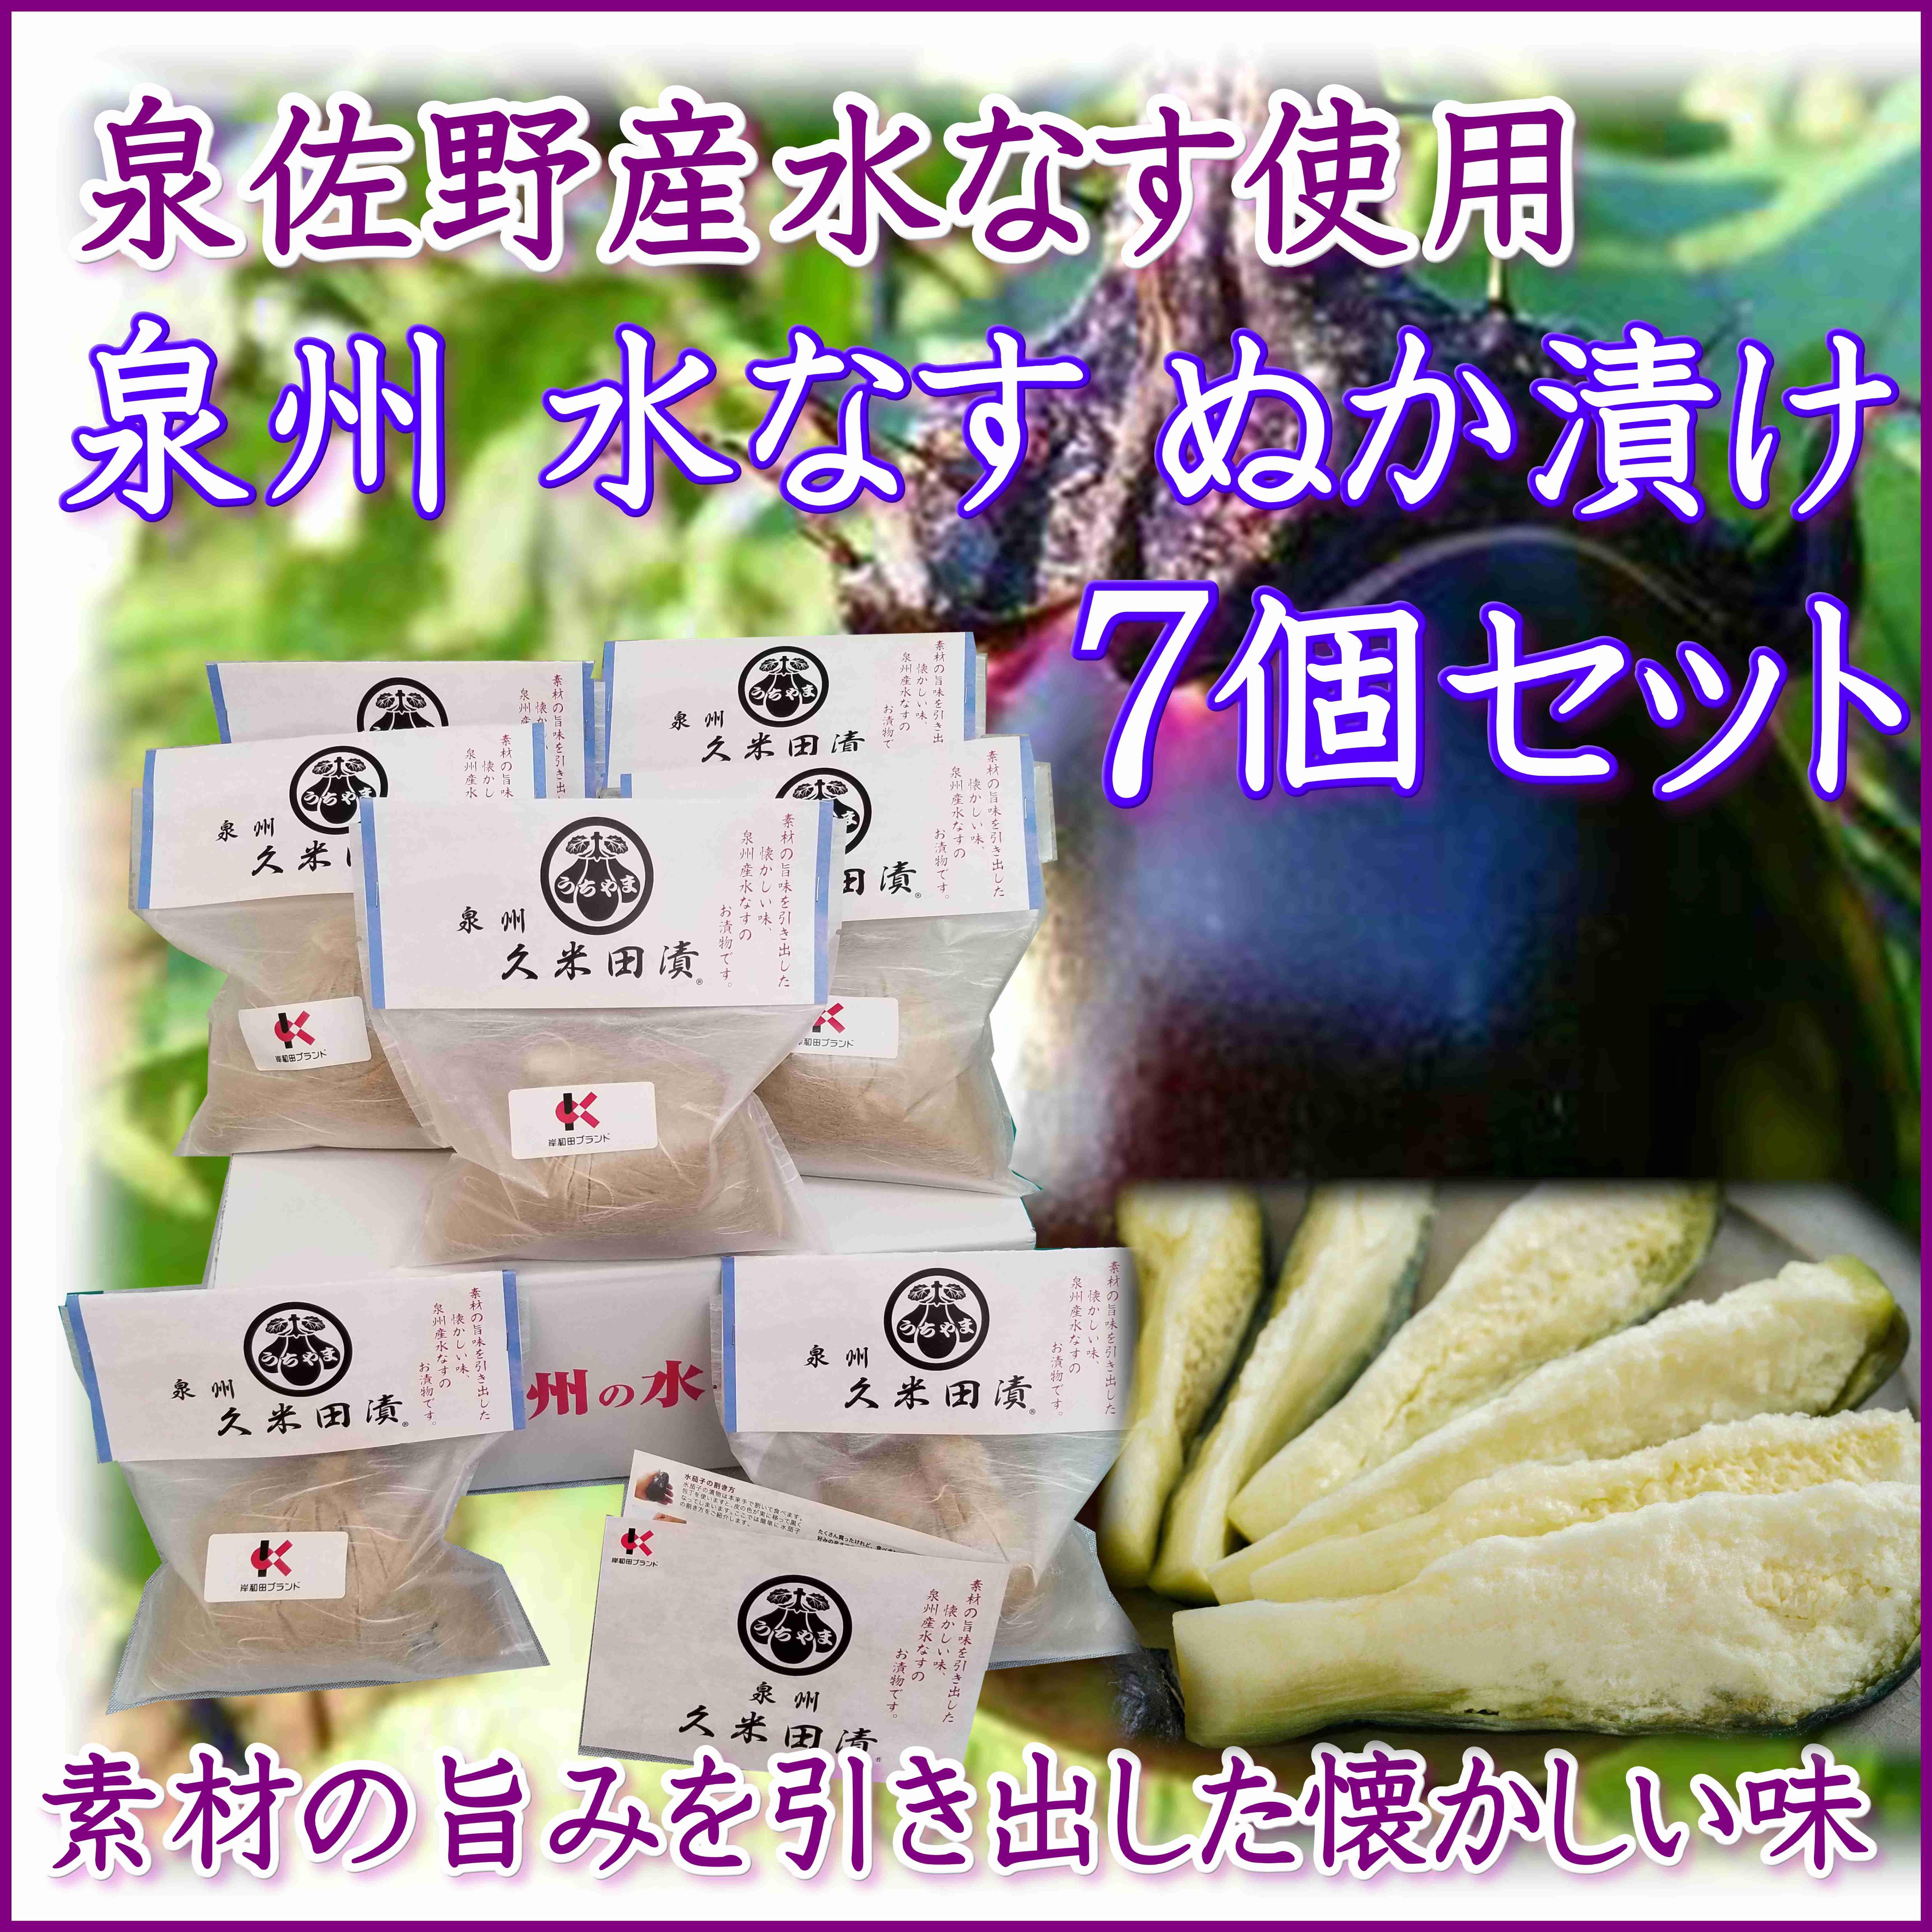 010B502 水なすぬか漬け「泉州久米田漬け」(7個)水茄子